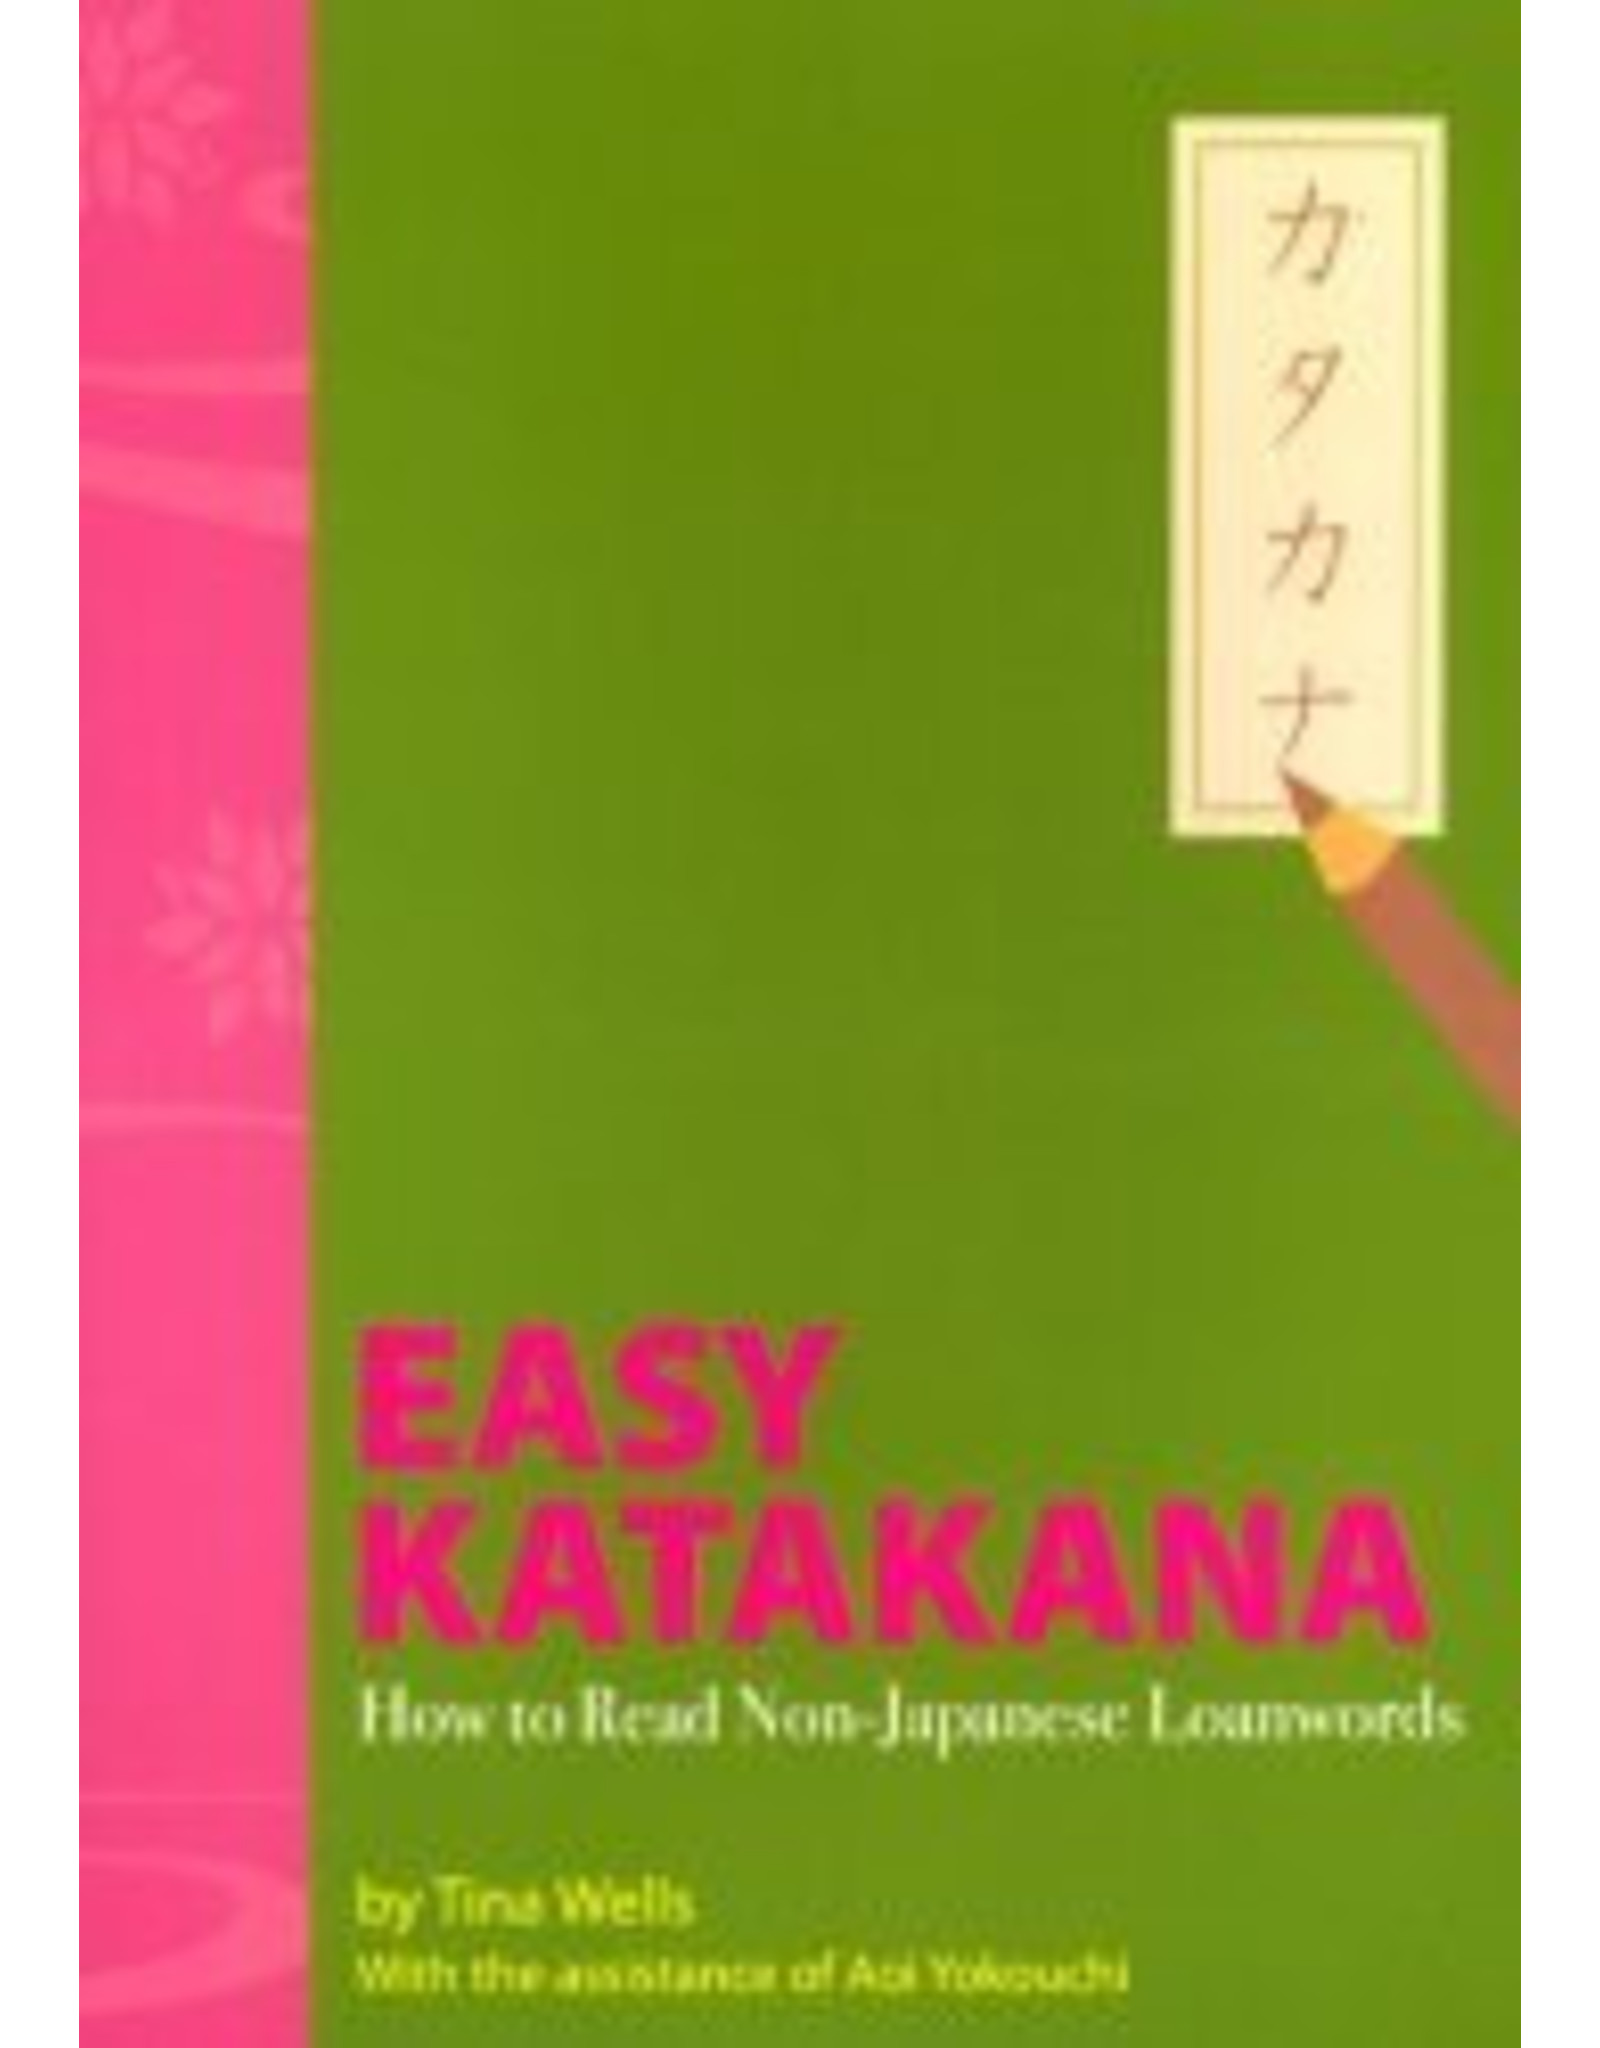 EASY KATAKANA: HOW TO READ NON-JAPANESE LOANWORDS